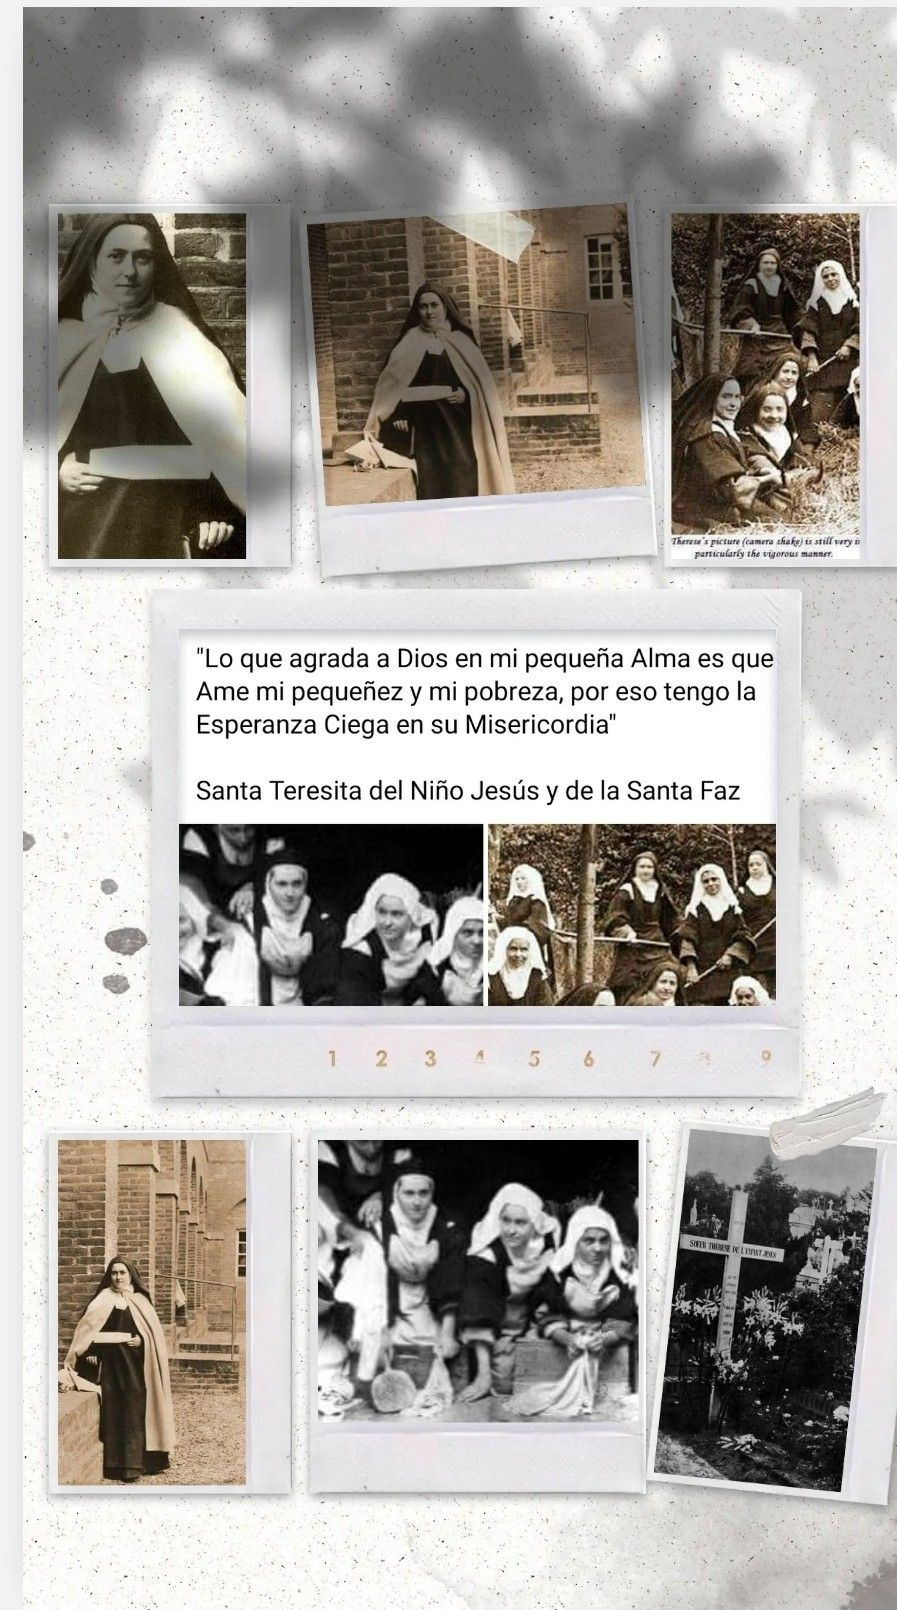 Pin De José Maria Pozo Dominguez En Santa Teresita Santa Teresita Del Niño Jesus Teresita Del Niño Jesus Santa Teresa